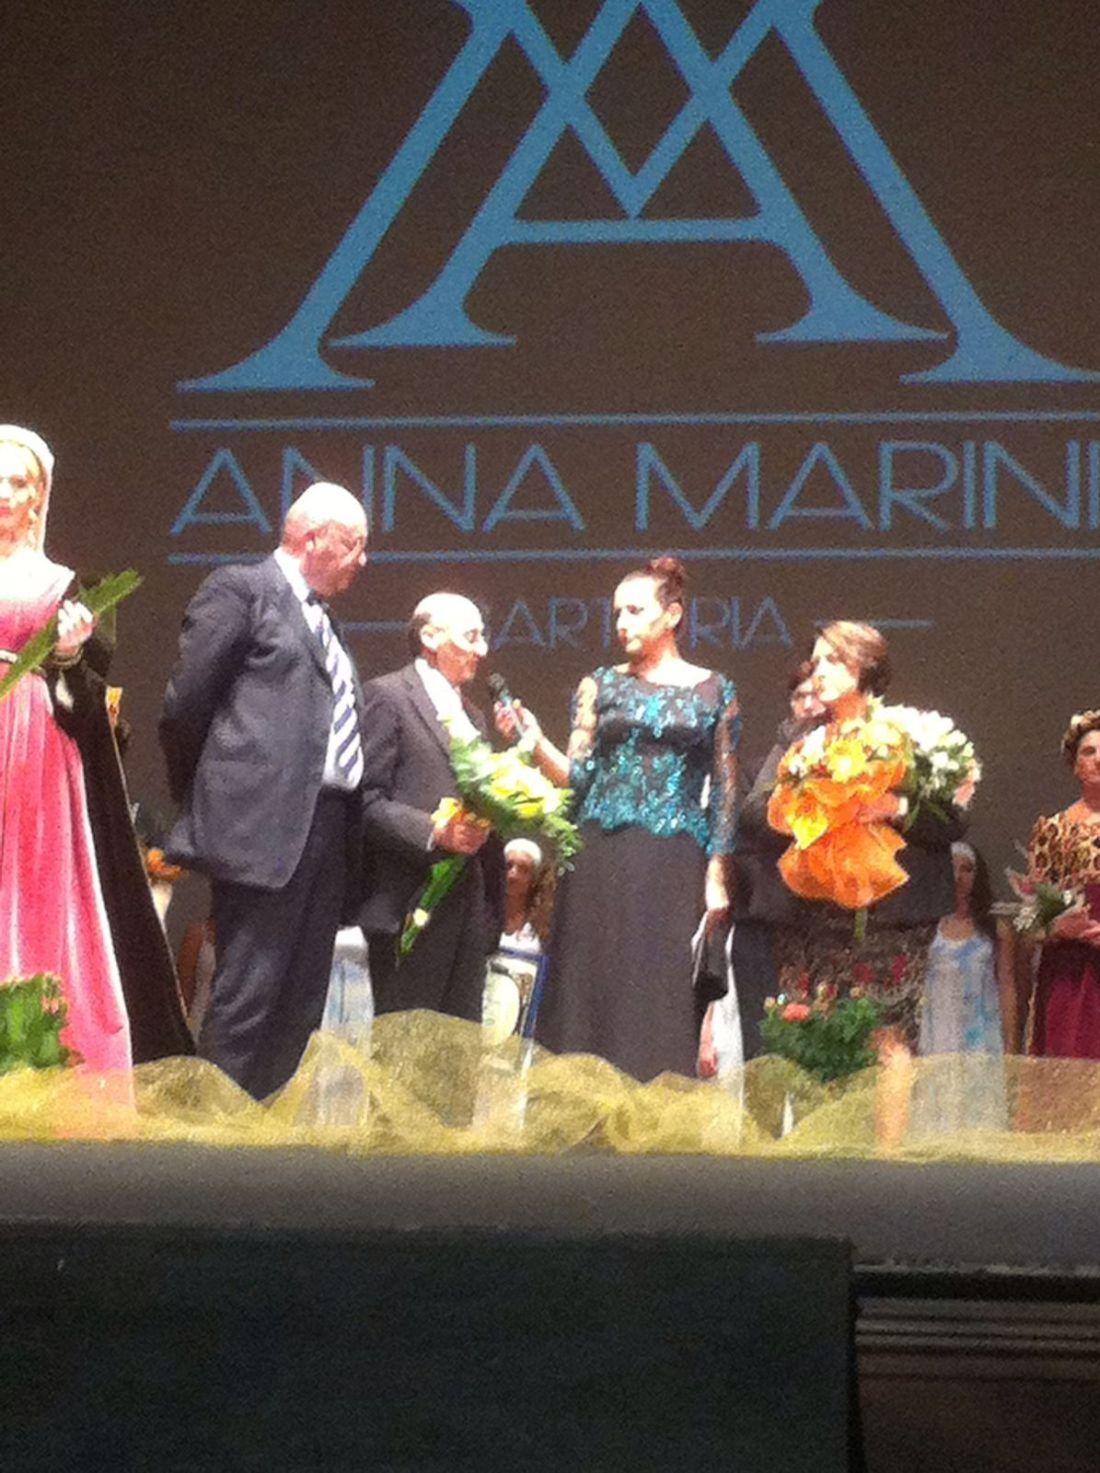 La Cna premia la stilista Anna Marini